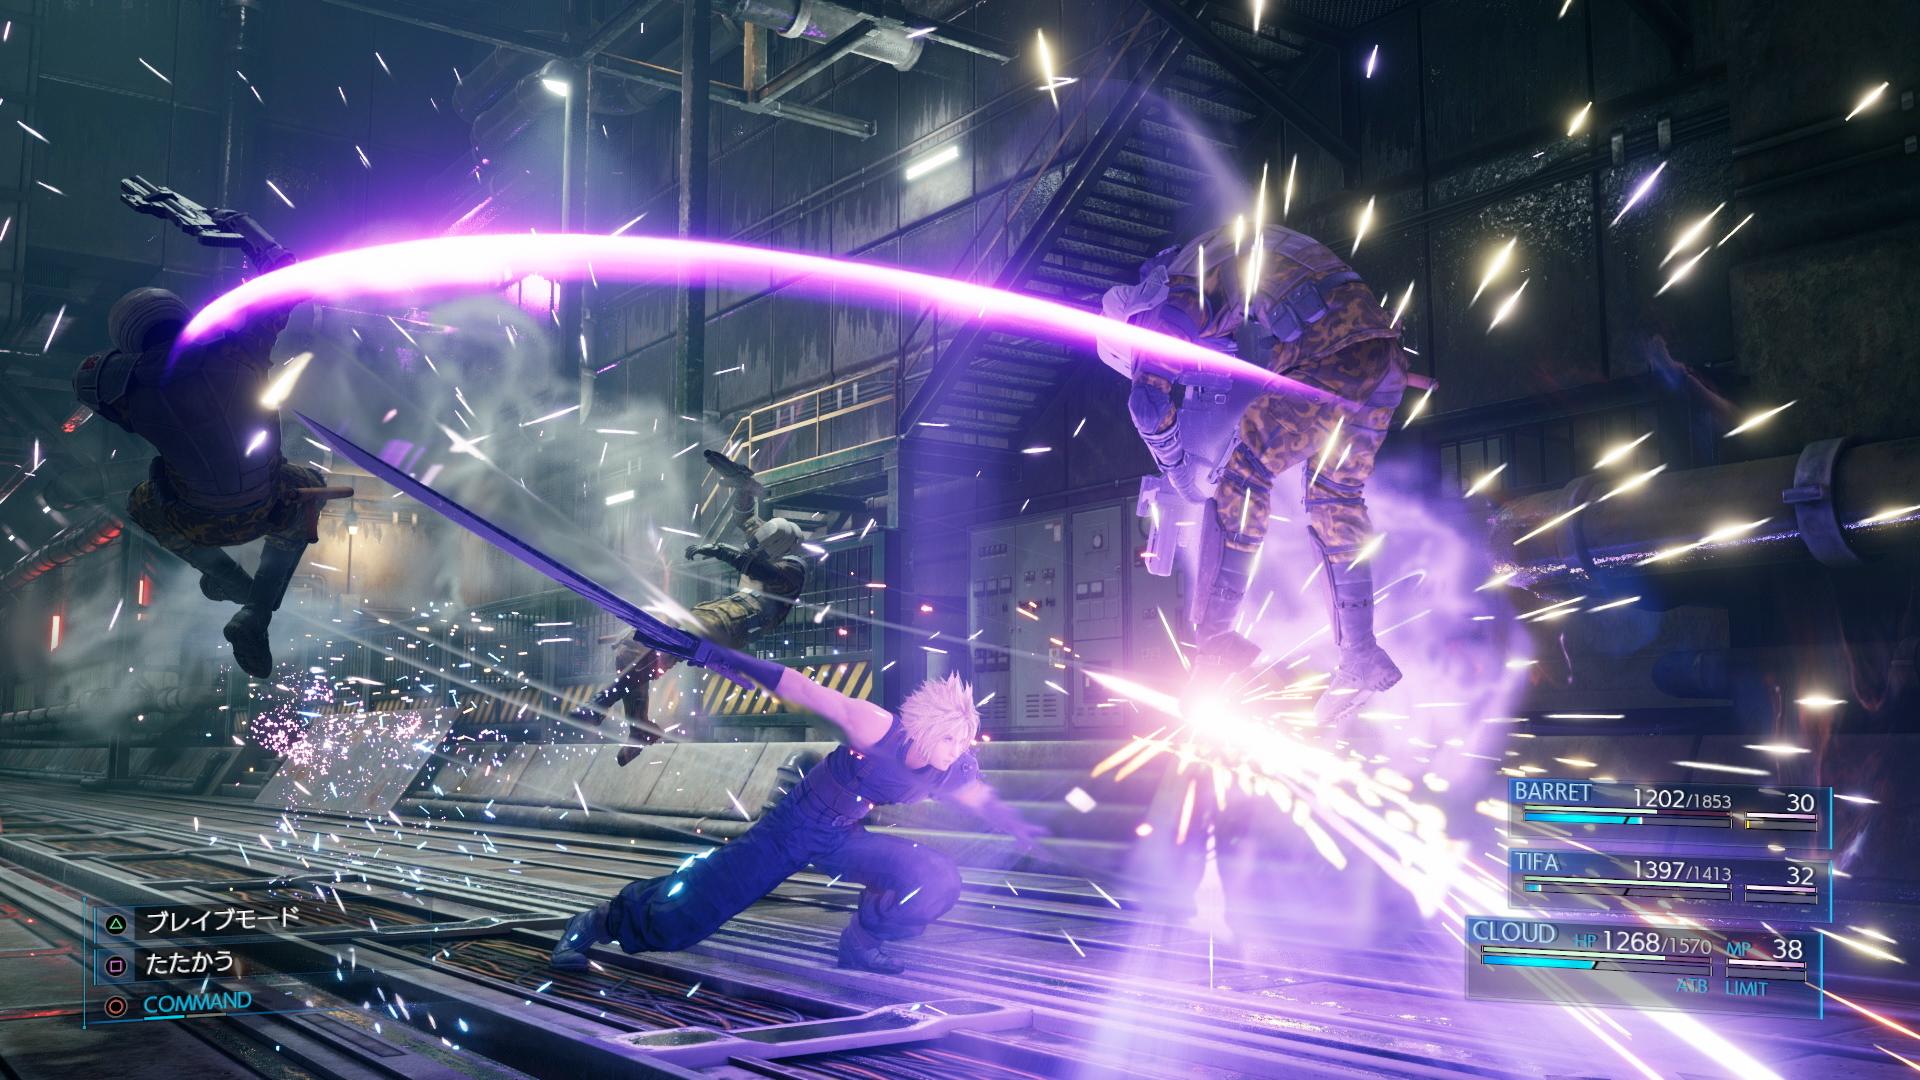 『FINAL FANTASY VII REMAKE』スクリーンショット